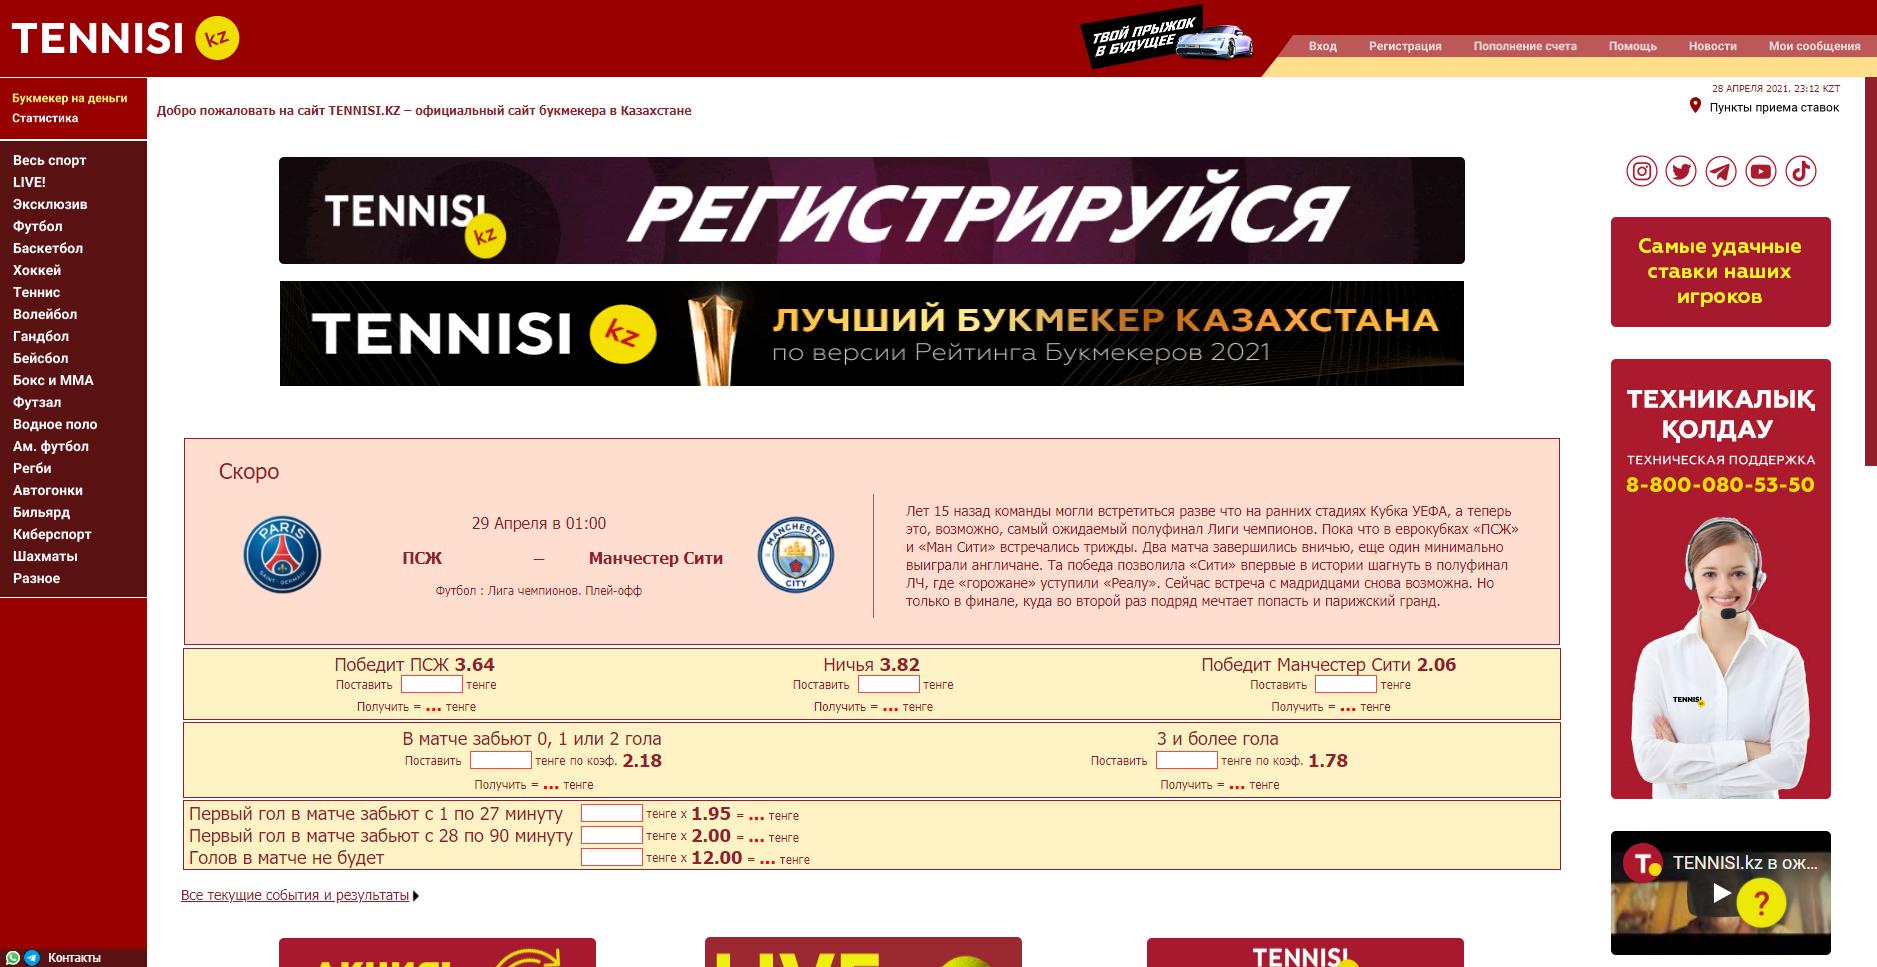 Главная страница сайта тенниси